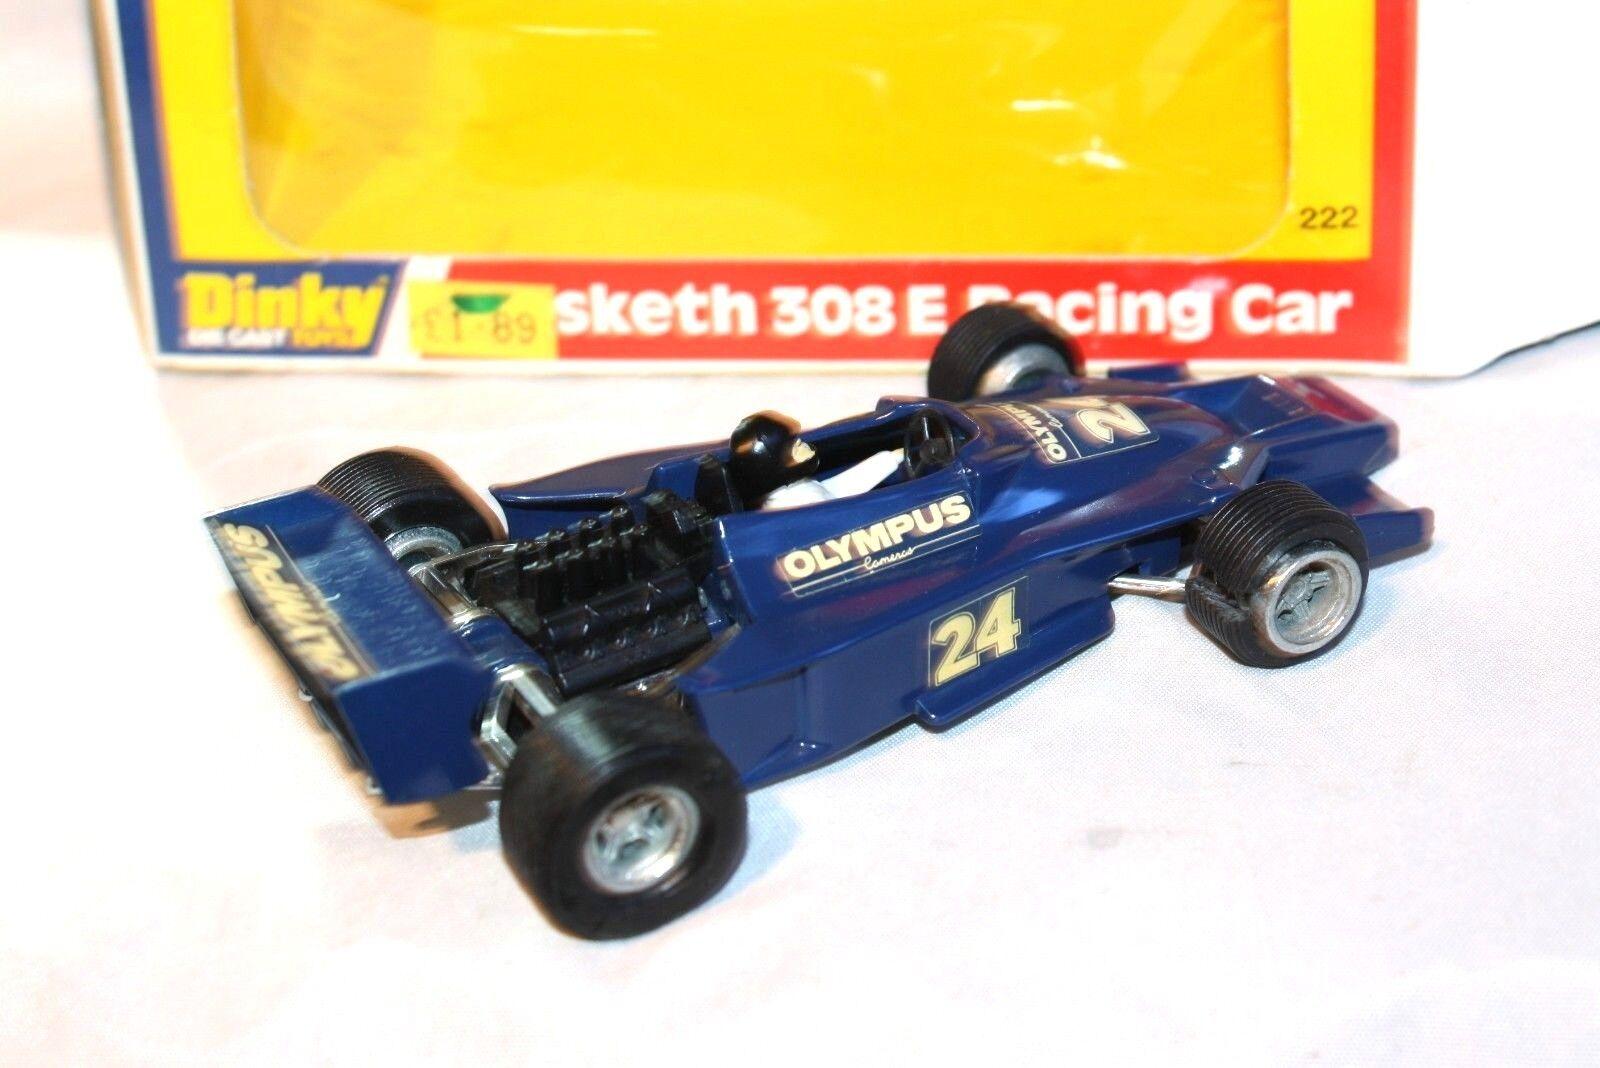 Dinky 222 Hesketh Racing Car 308E Mint in Good Original Original Original Box e748b5